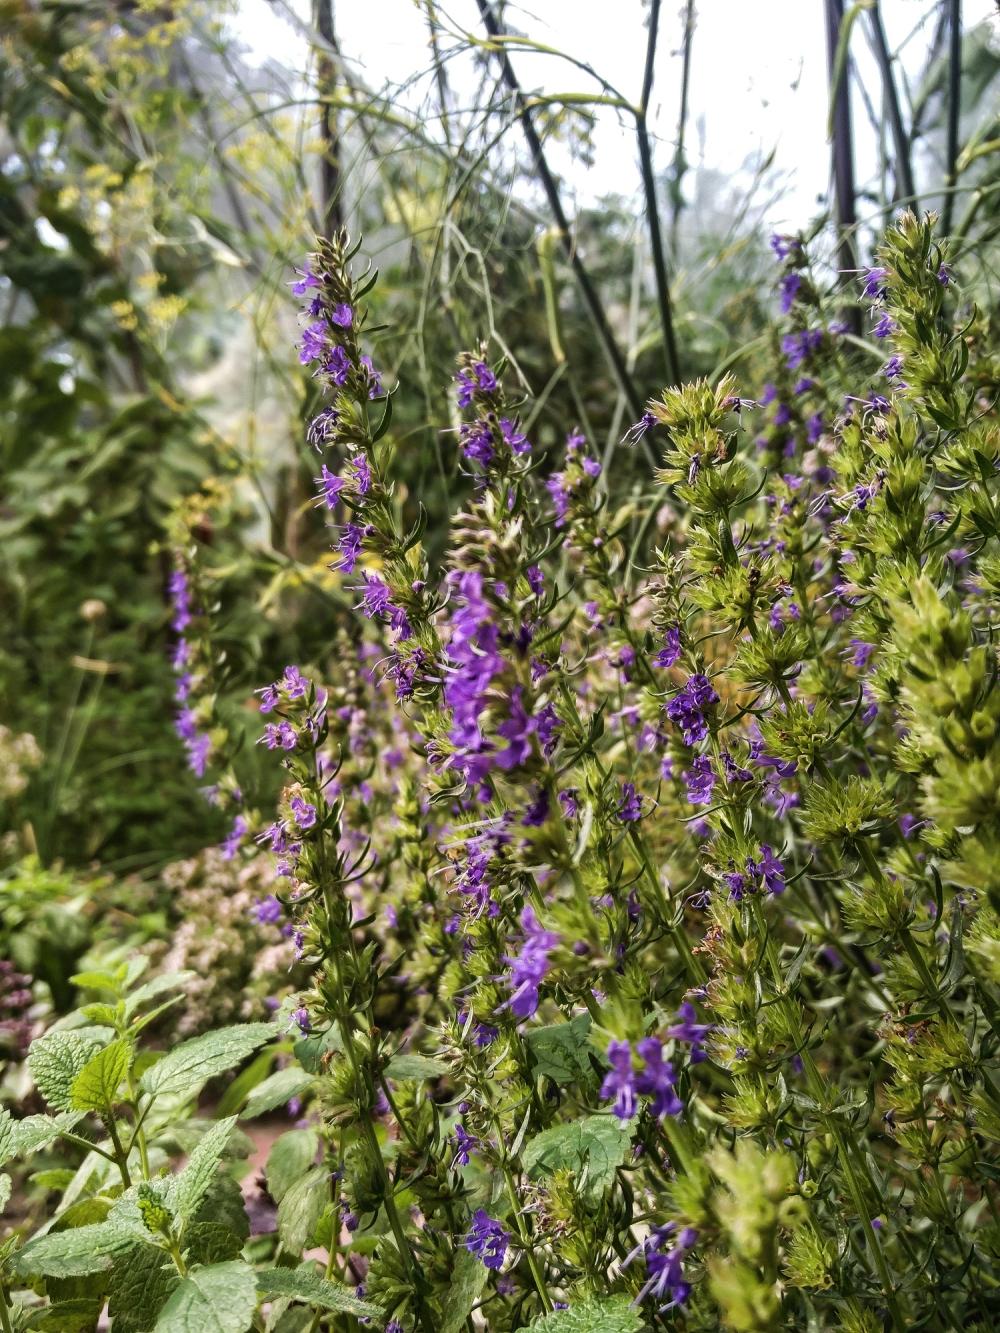 Hyssop herb flowers